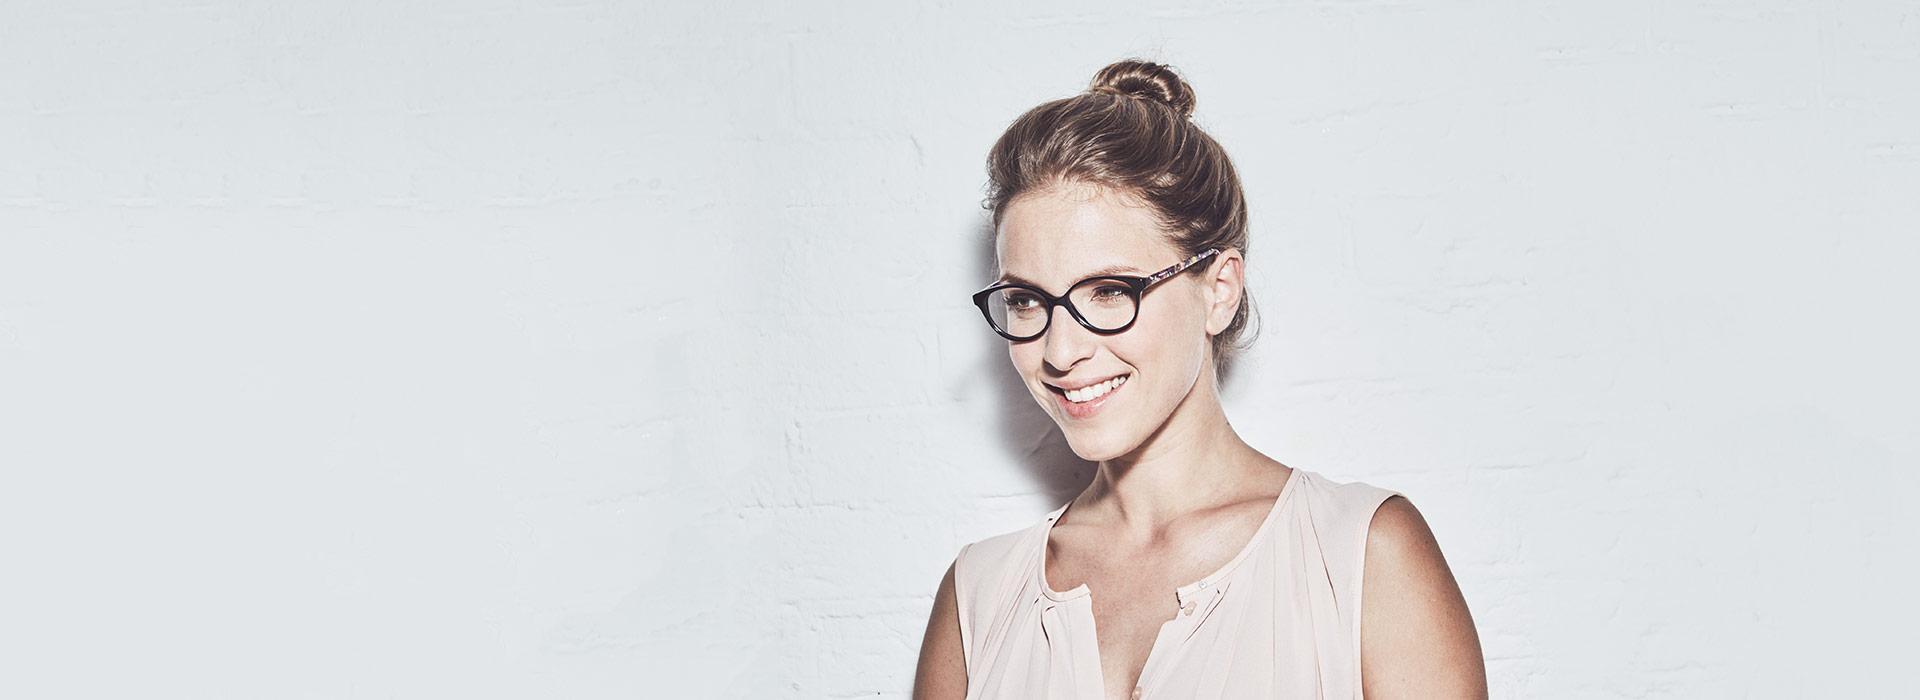 lunettes noires femme